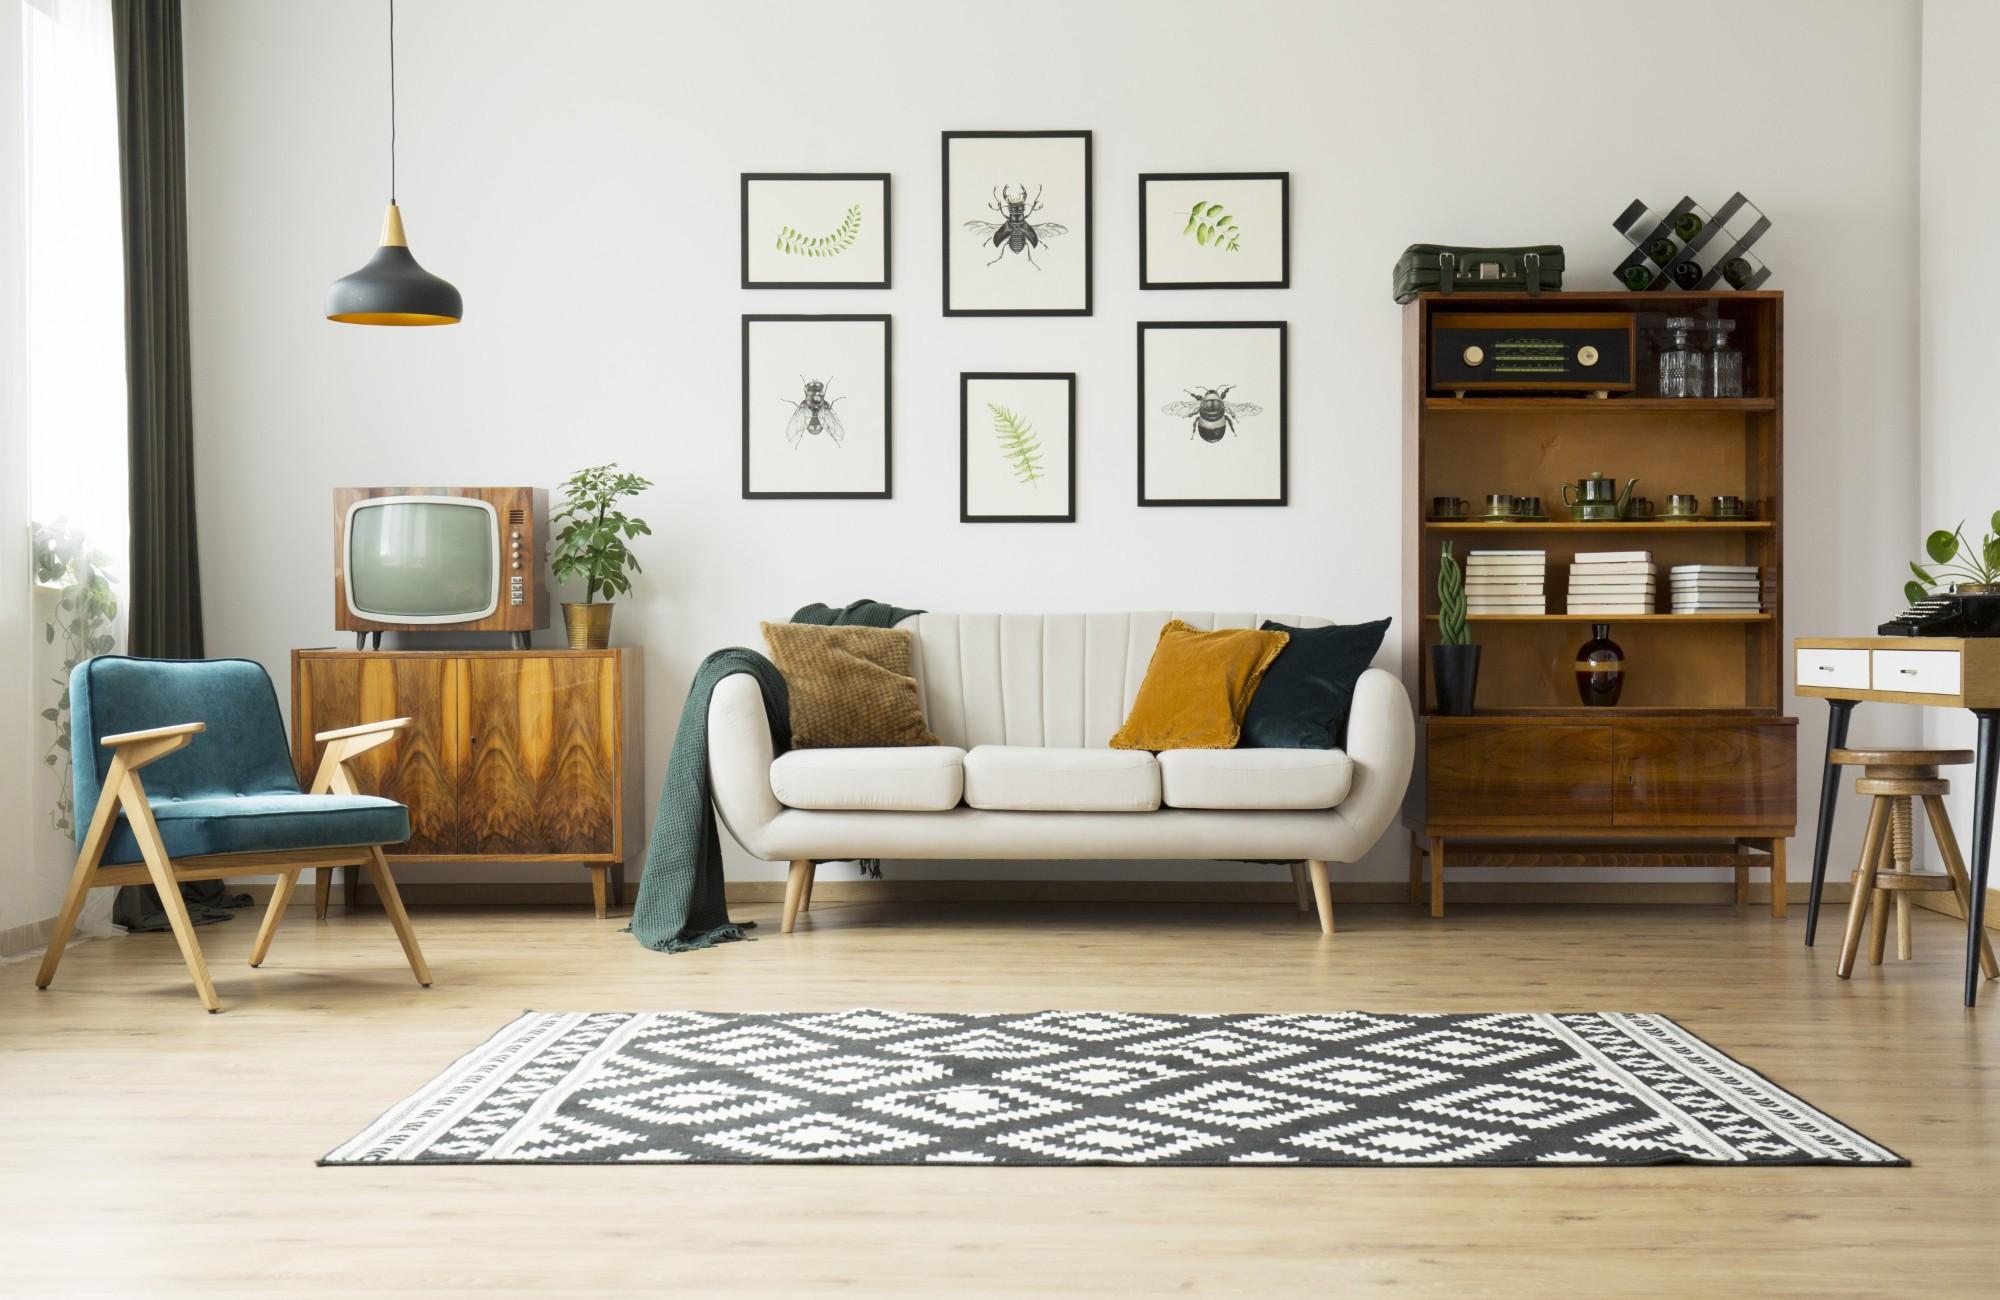 5 dicas de decoração para uma casa vintage